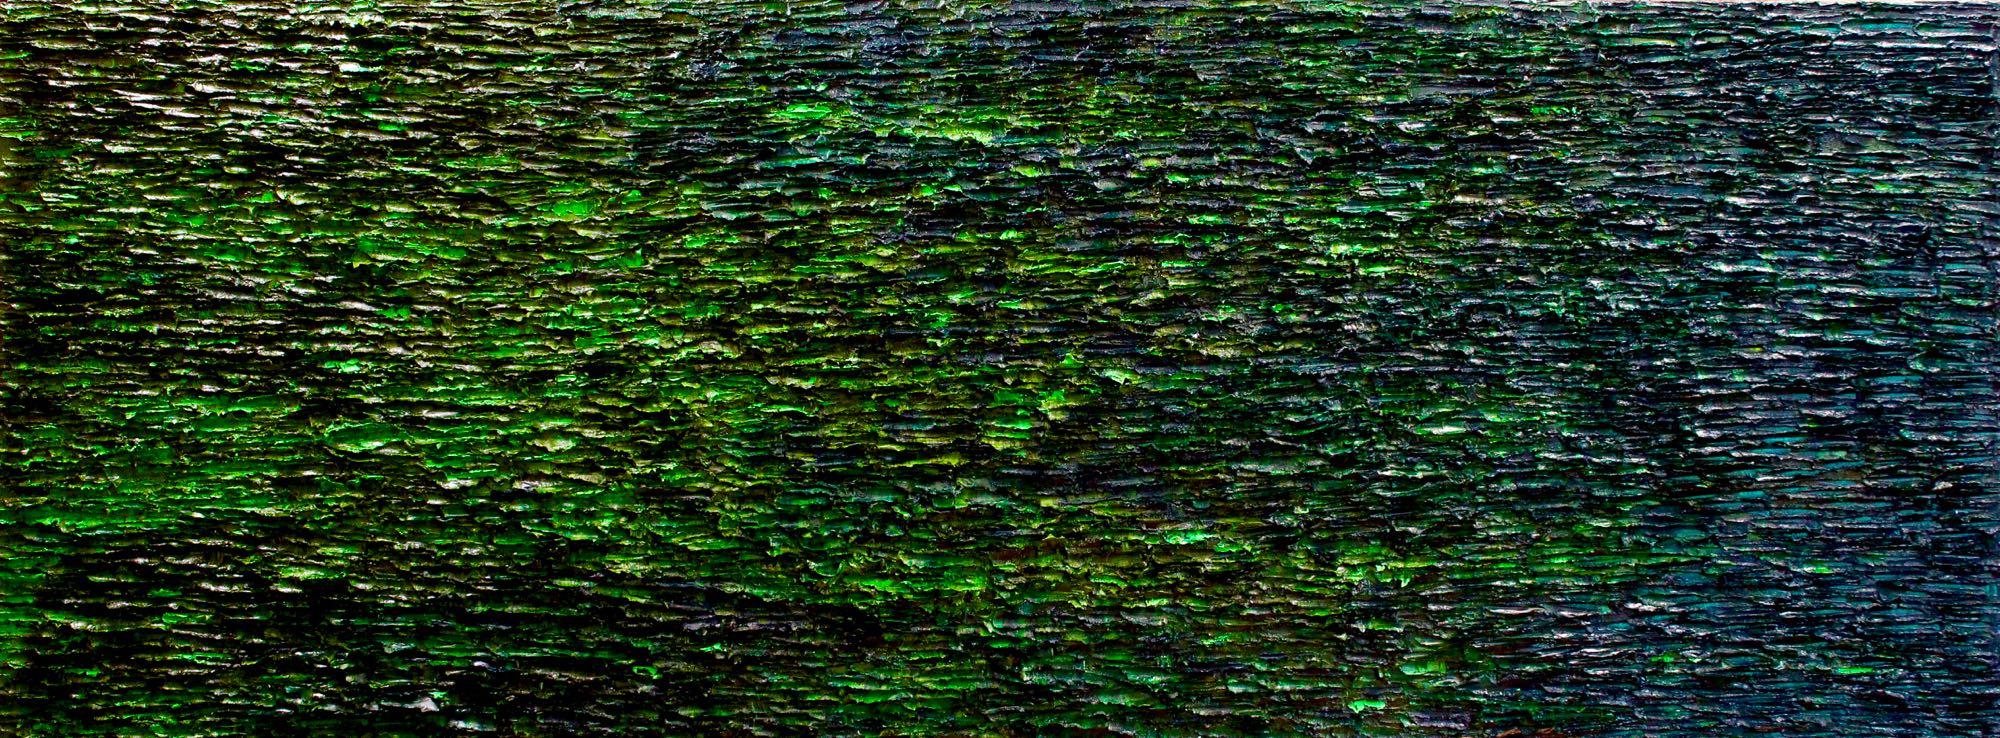 """Taïga.2016,huile sur toile,36""""x 96""""x 3"""" (91 x 244 x 8 cm)"""